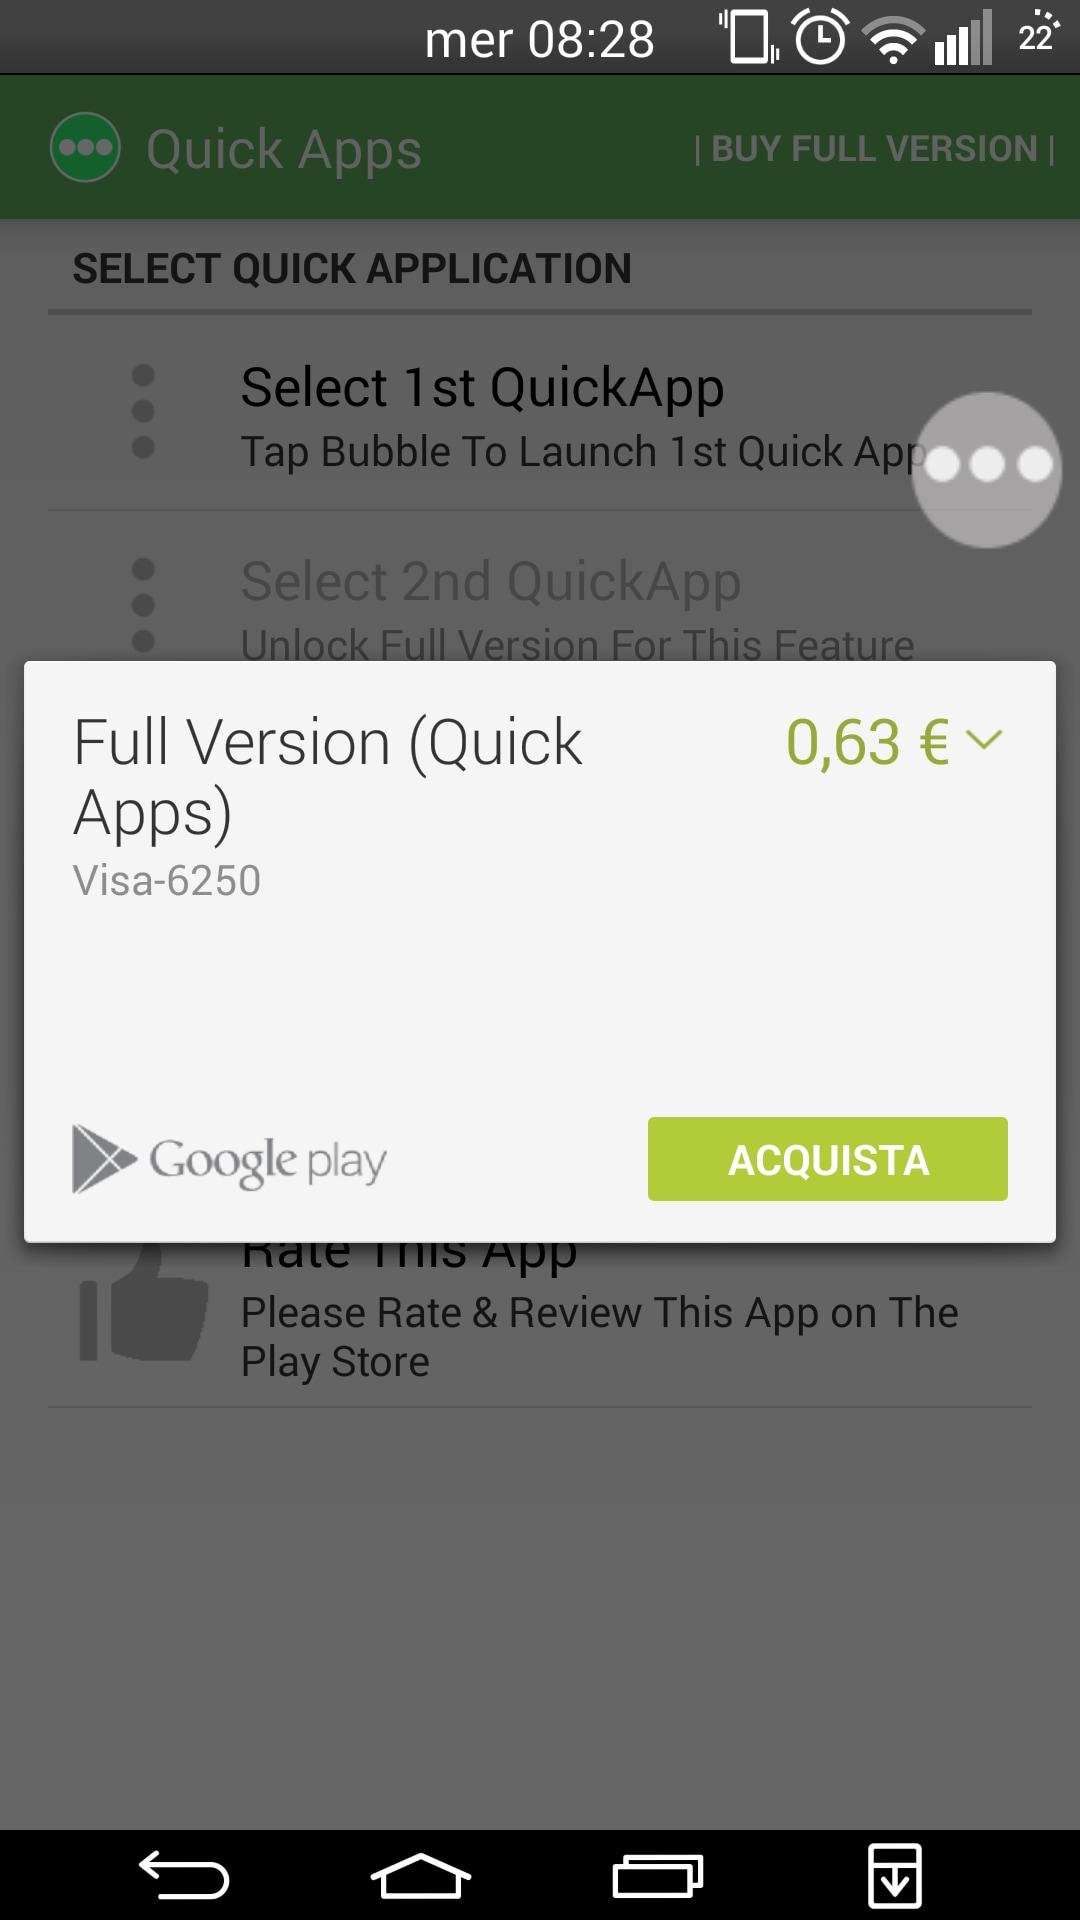 quick apps_applicazione_ avviare app da android wear (5)